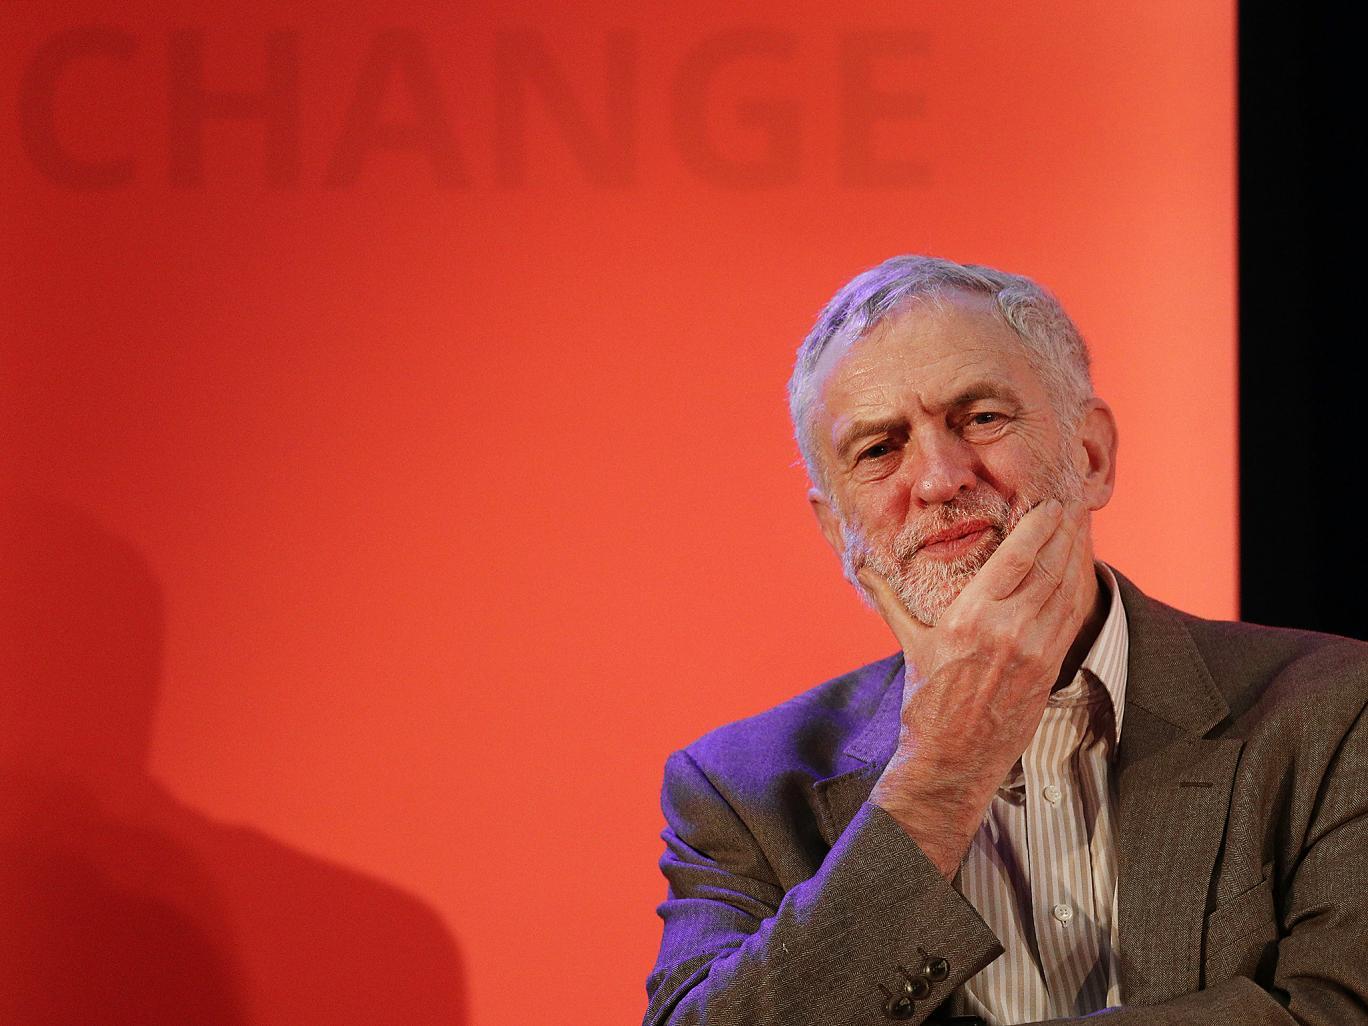 Corbyn podría provocar un terremoto político populista